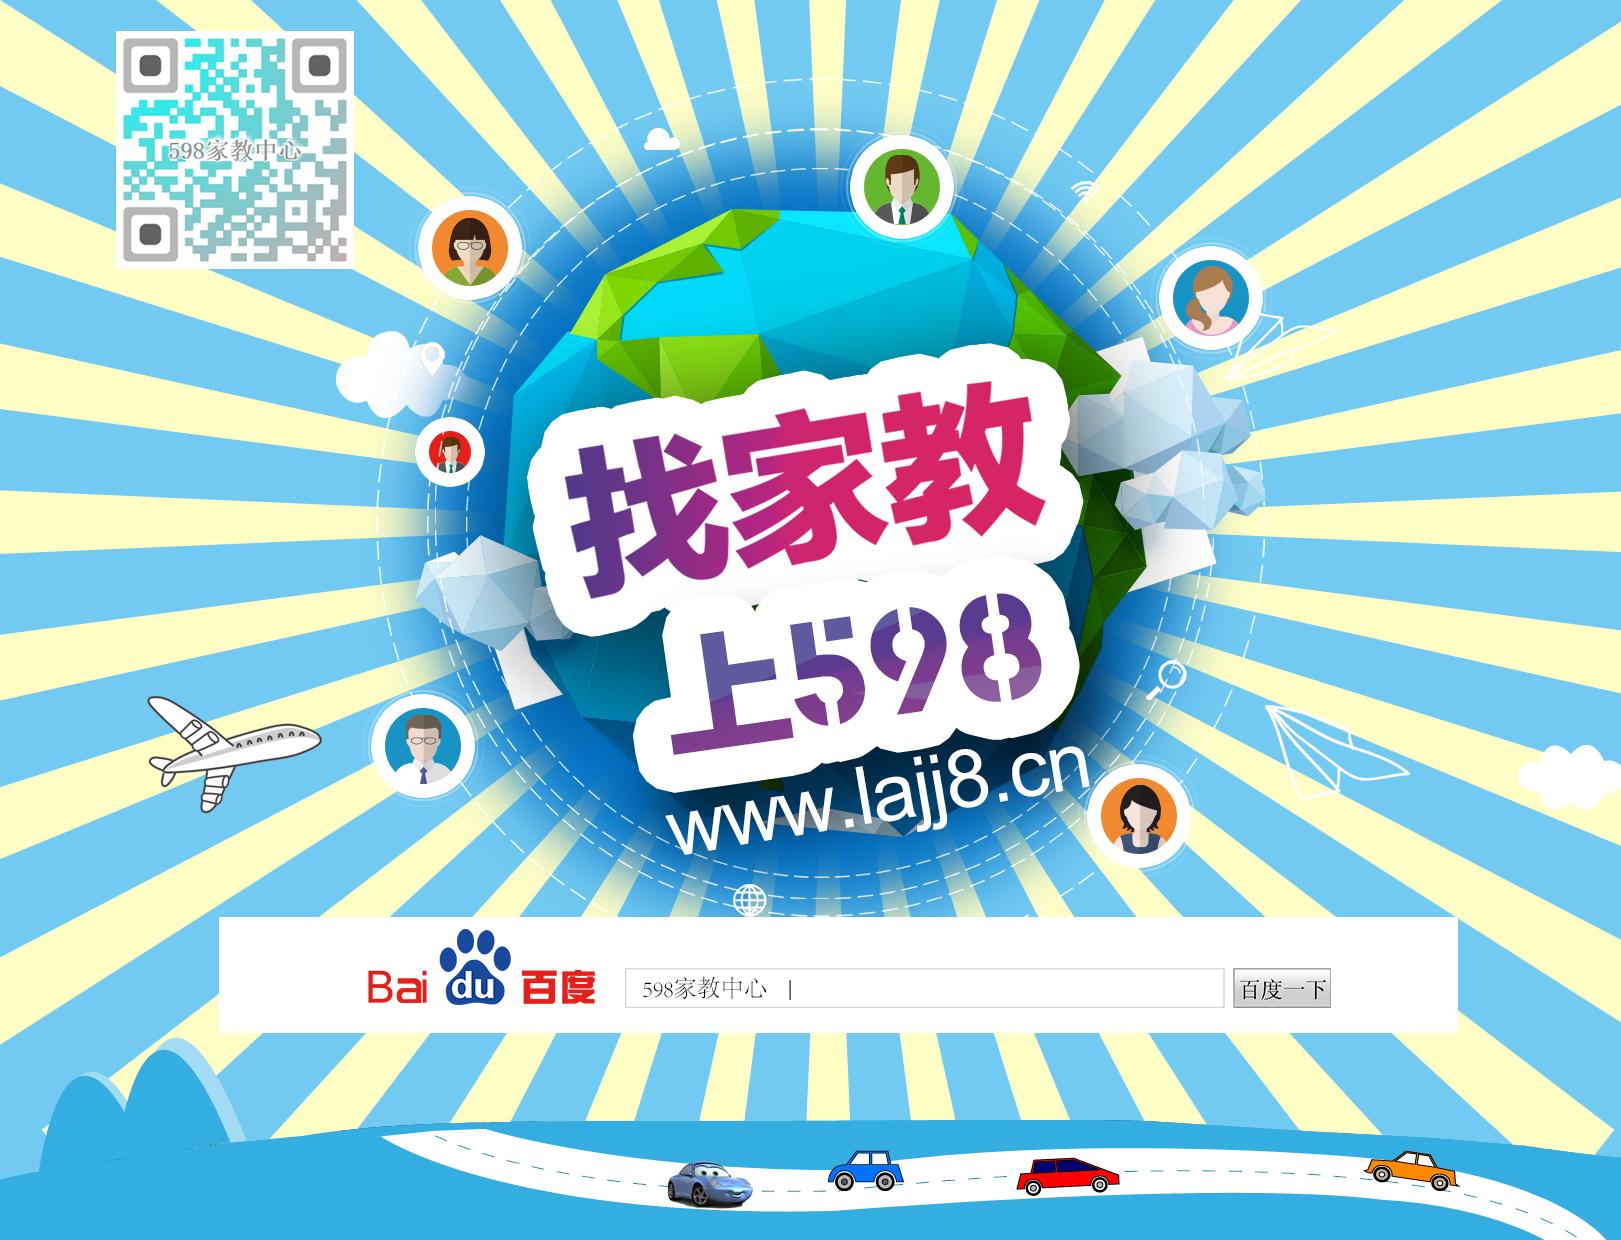 网站宣传海报.jpg